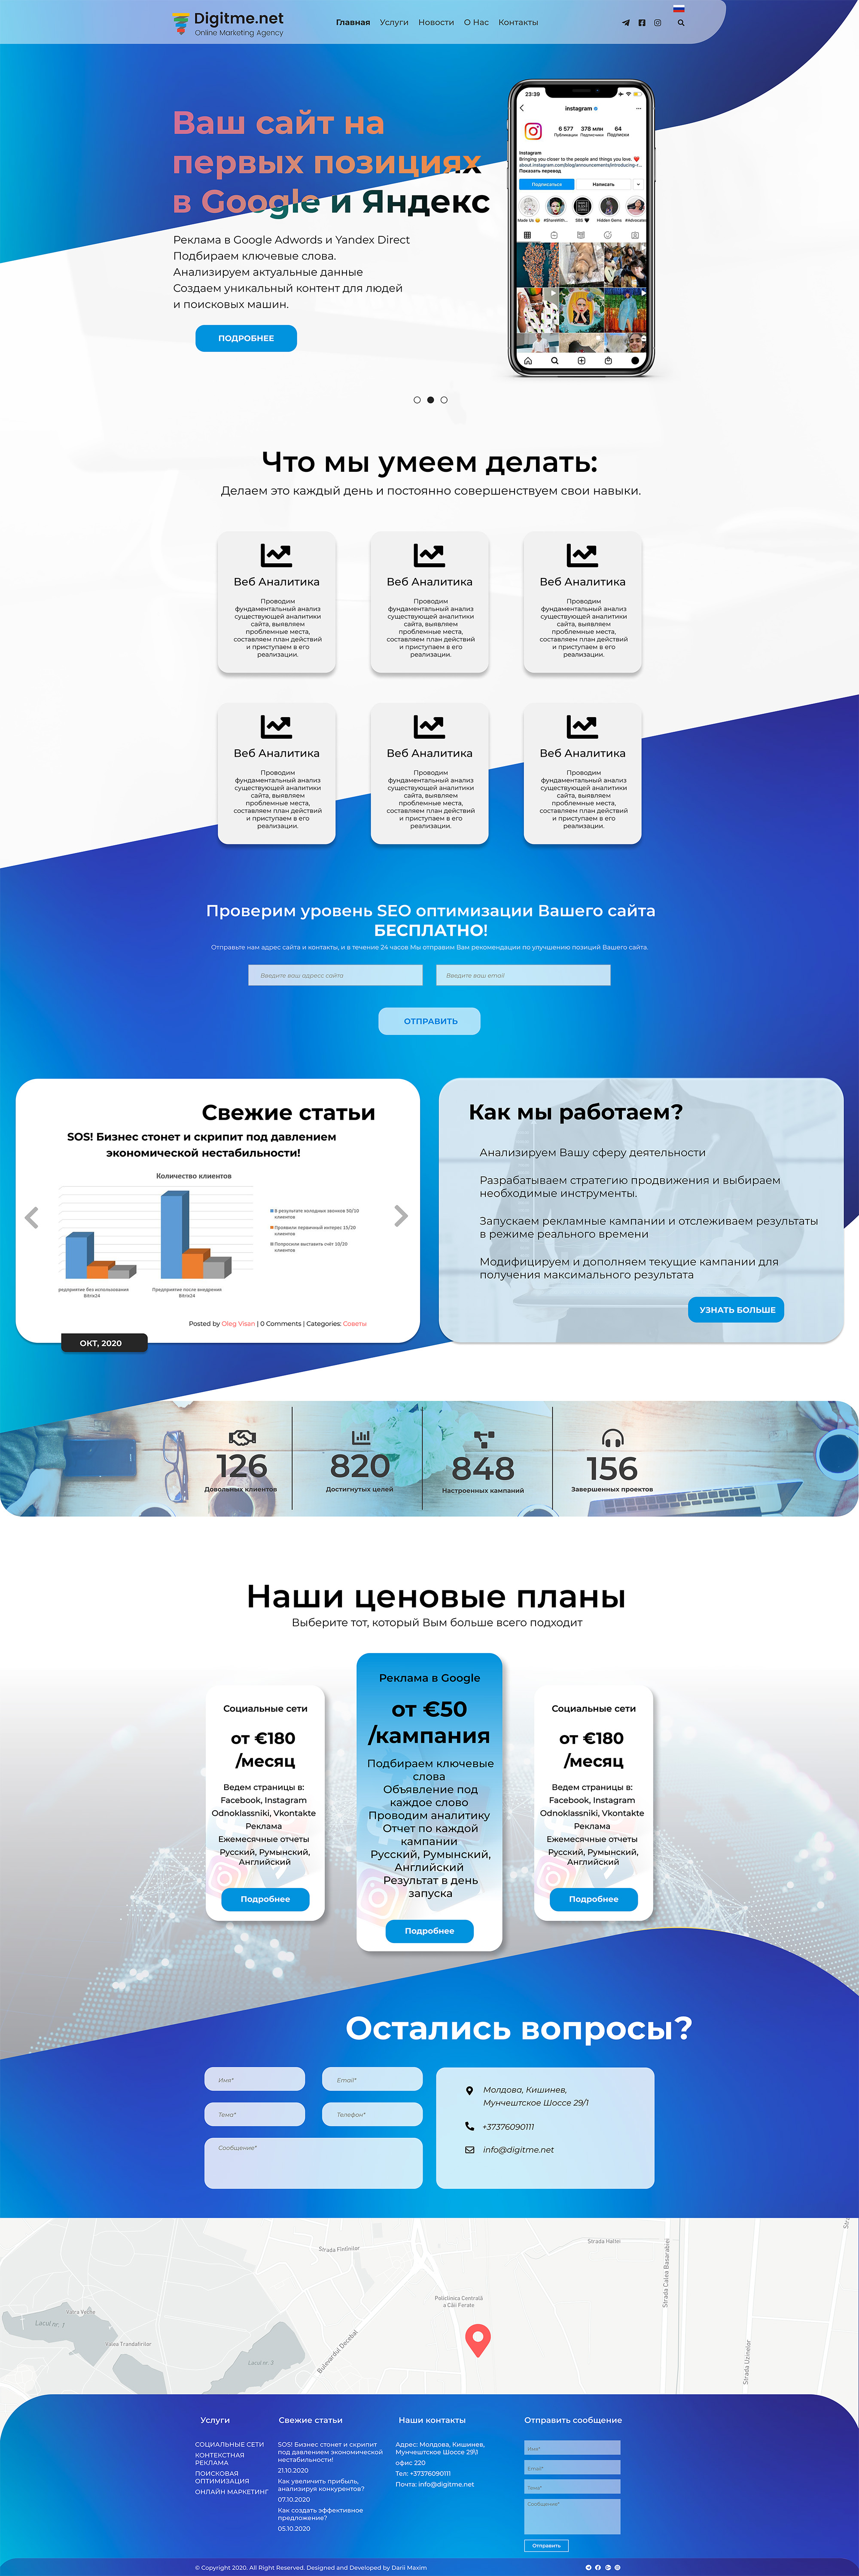 Разработать полностью новый дизайн сайта  фото f_7625fbfac8770b66.jpg